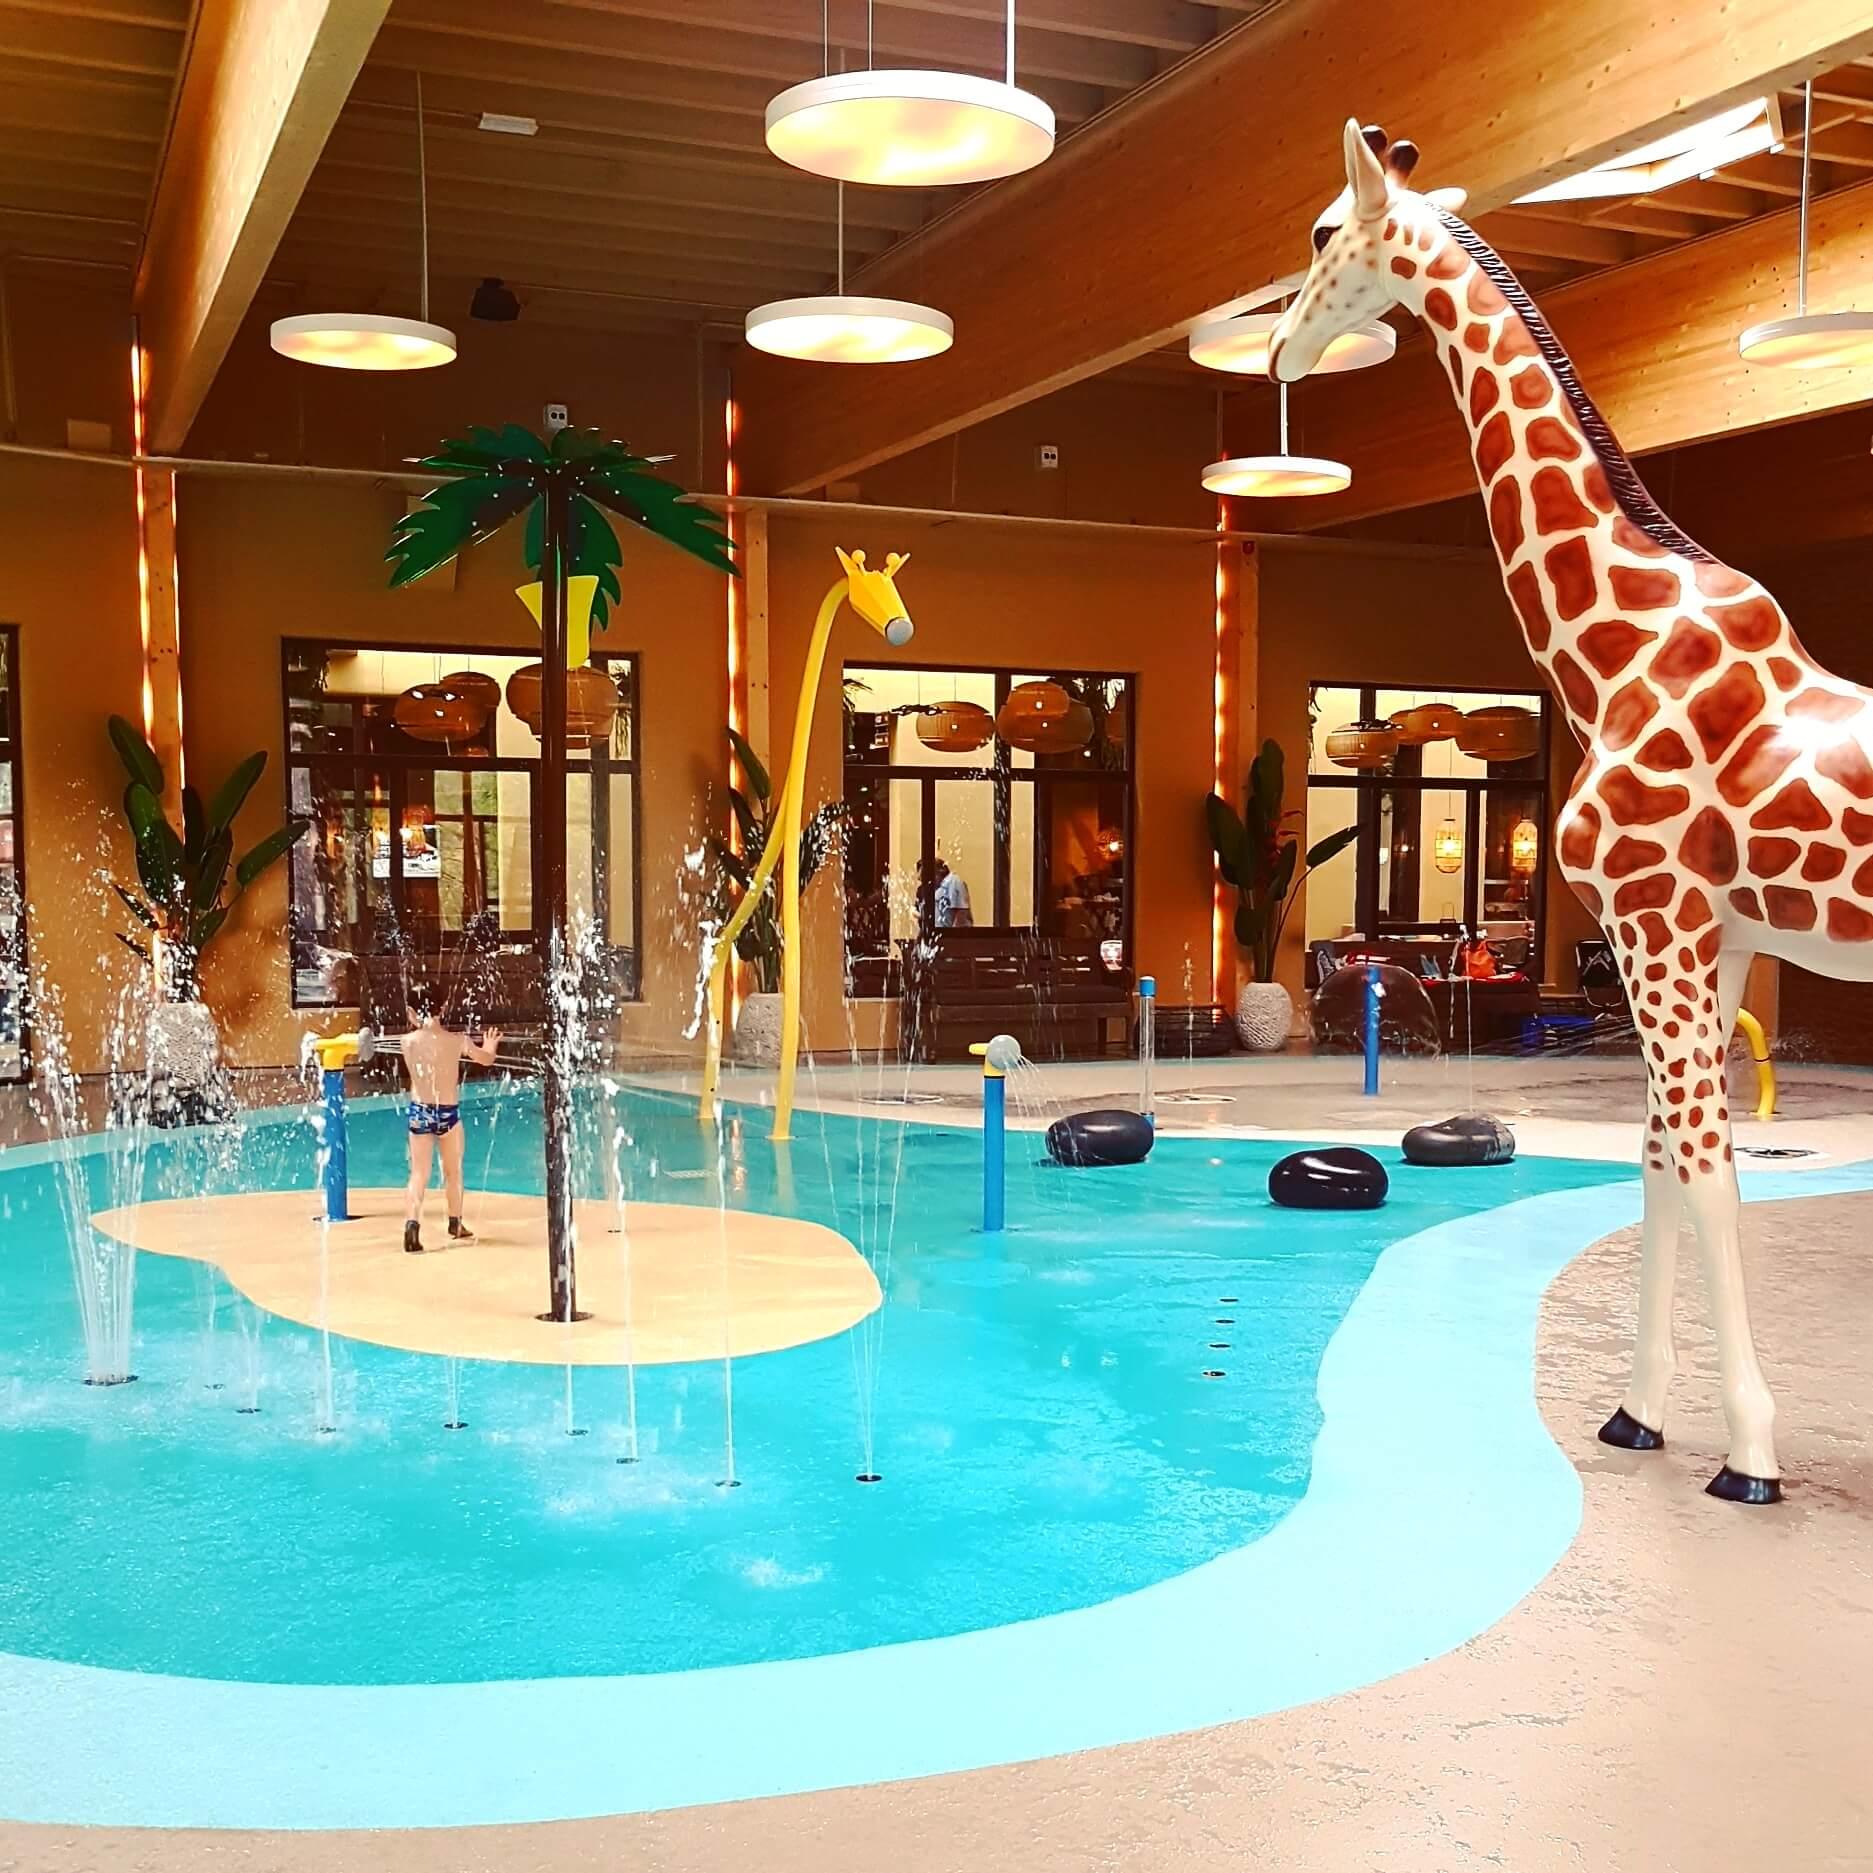 Beekse Bergen Zwembad.Safari Resort Beekse Bergen Zwembad 1 Leuk Met Kids